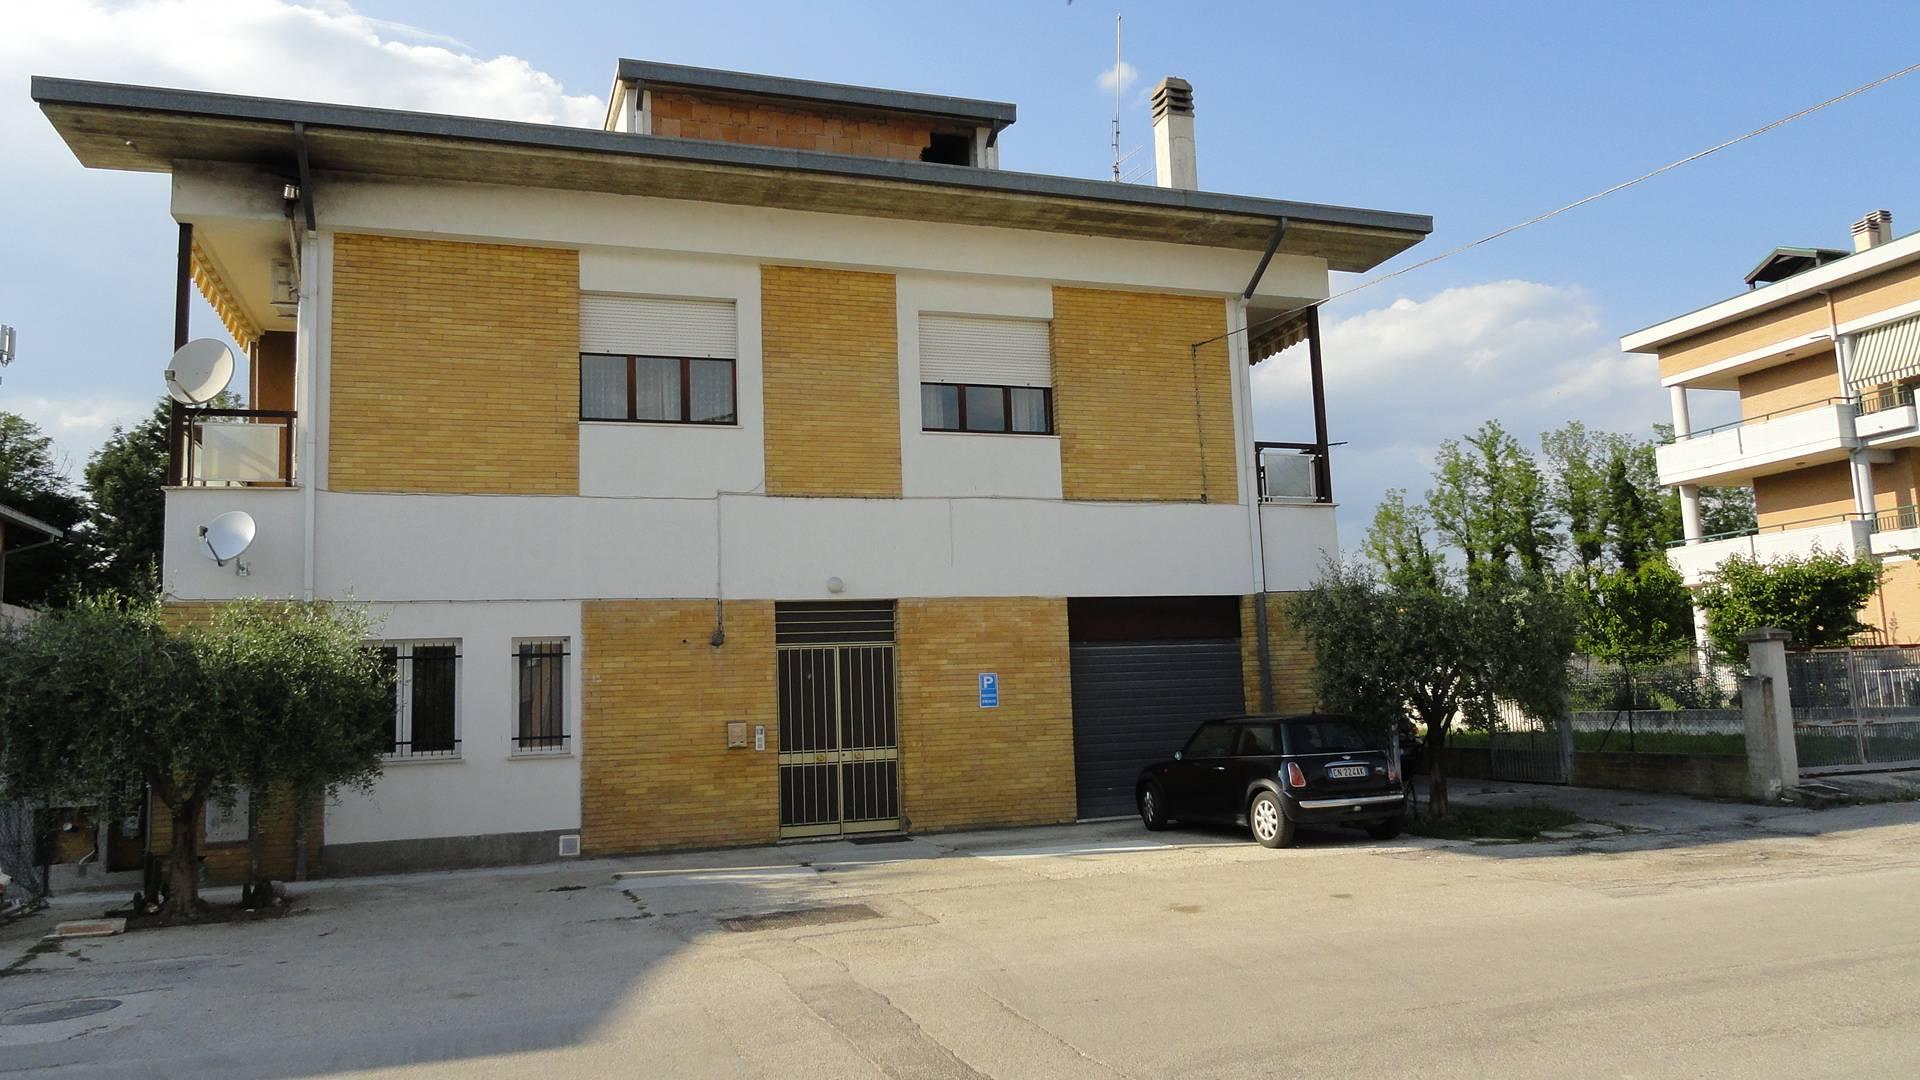 Soluzione Indipendente in vendita a Teramo, 9 locali, zona Località: PianoDAccio, prezzo € 175.000 | CambioCasa.it